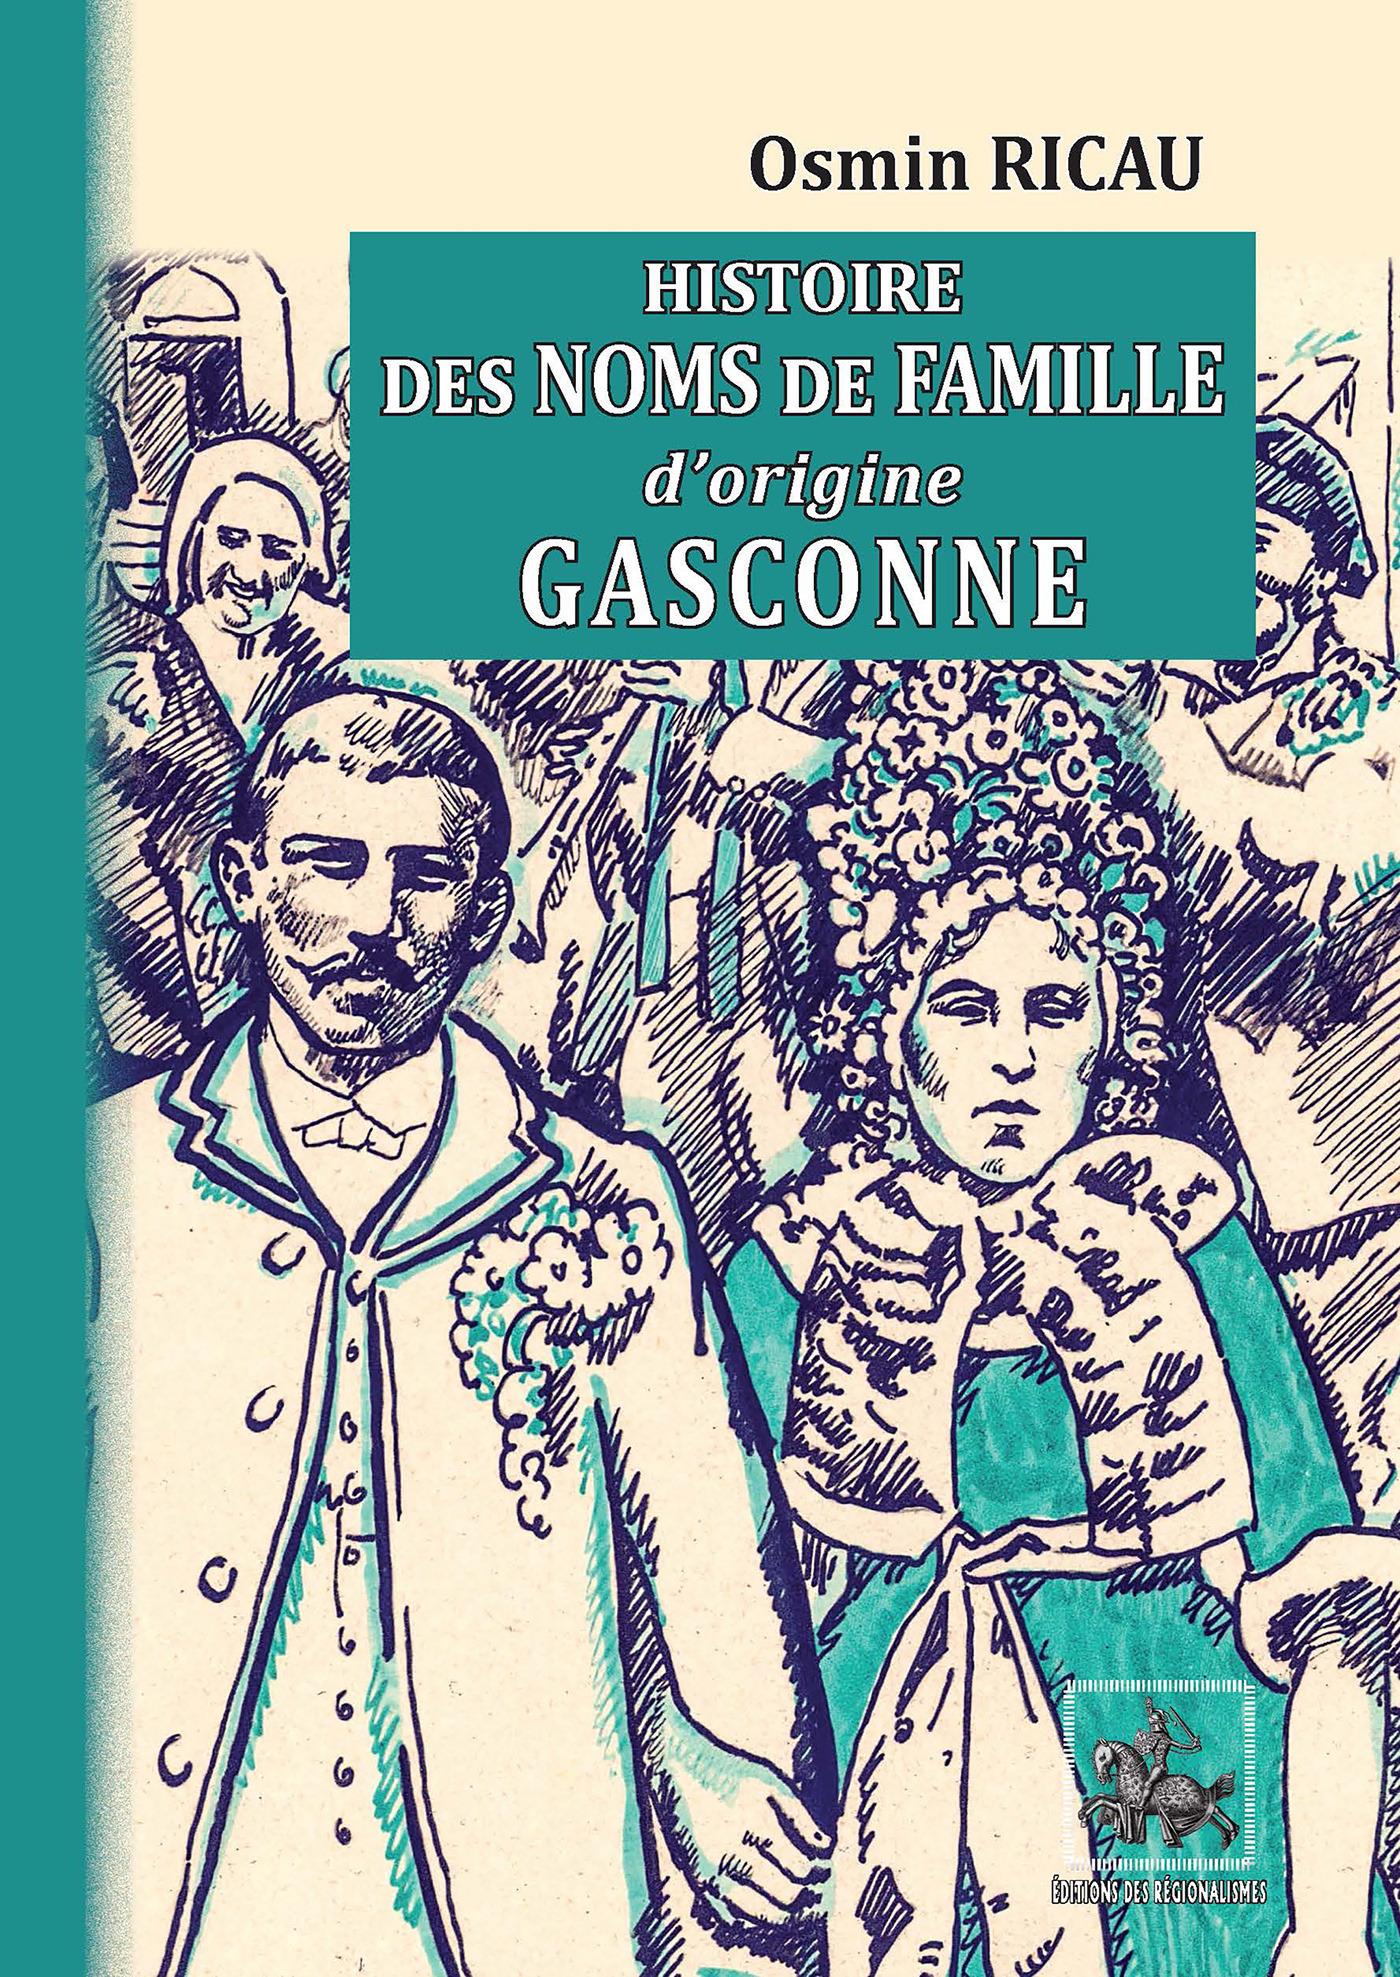 Histoire des noms de famille d'origine gasconne